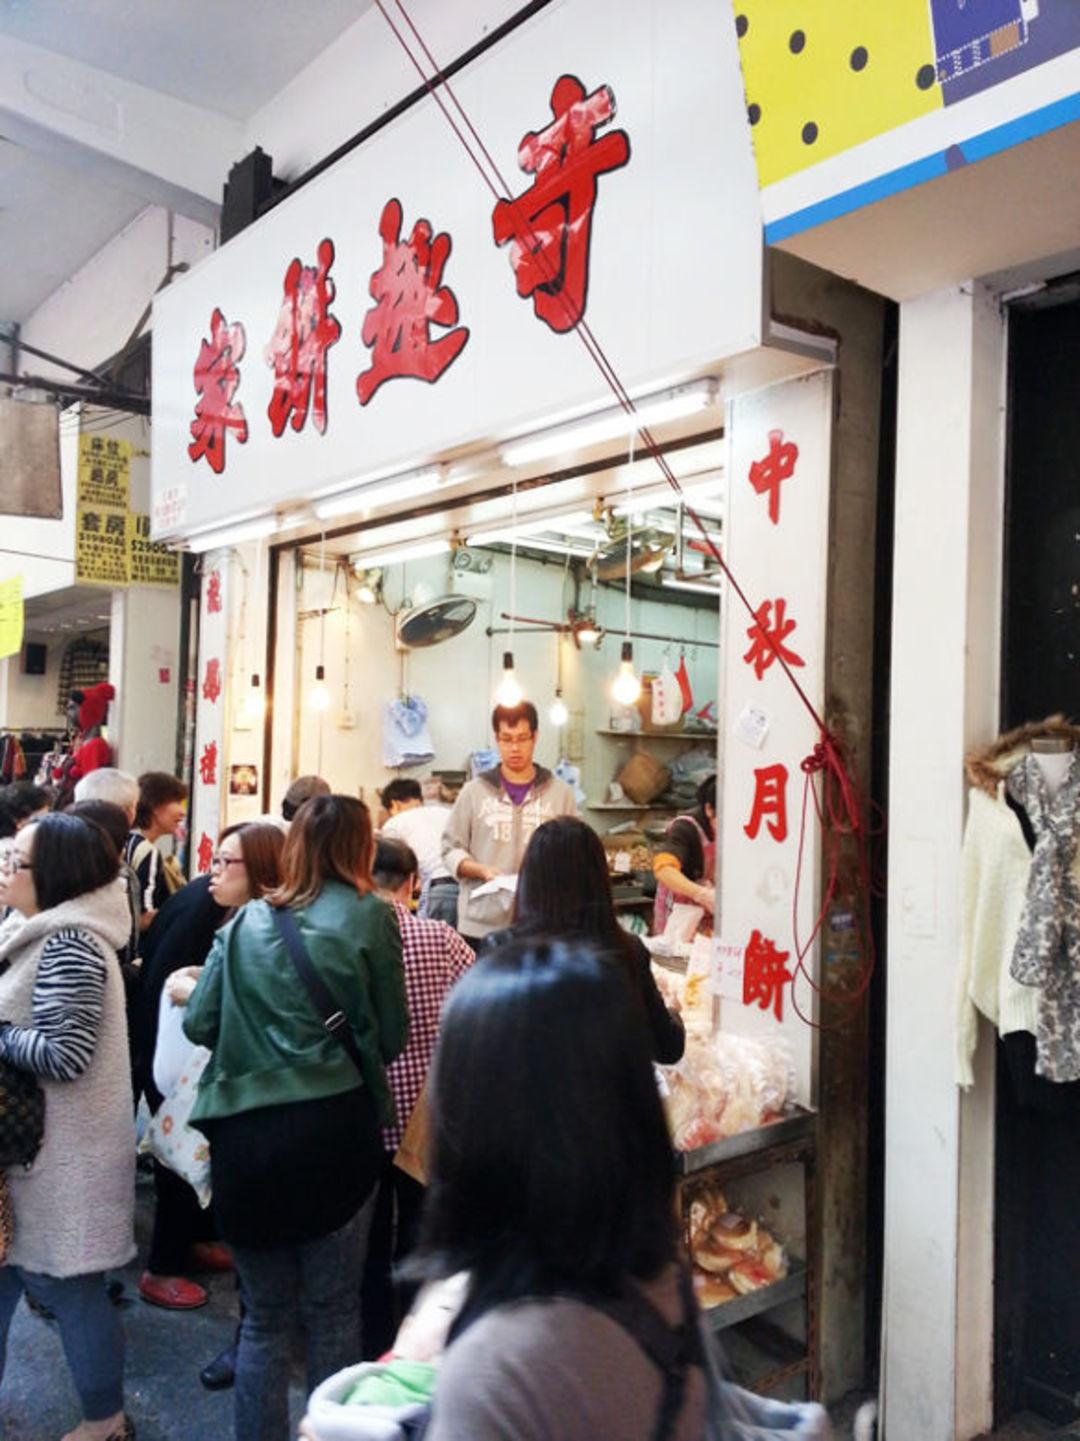 街头小吃首次登上米其林,这里是香港澳门的上榜名单_文化_好奇心日报